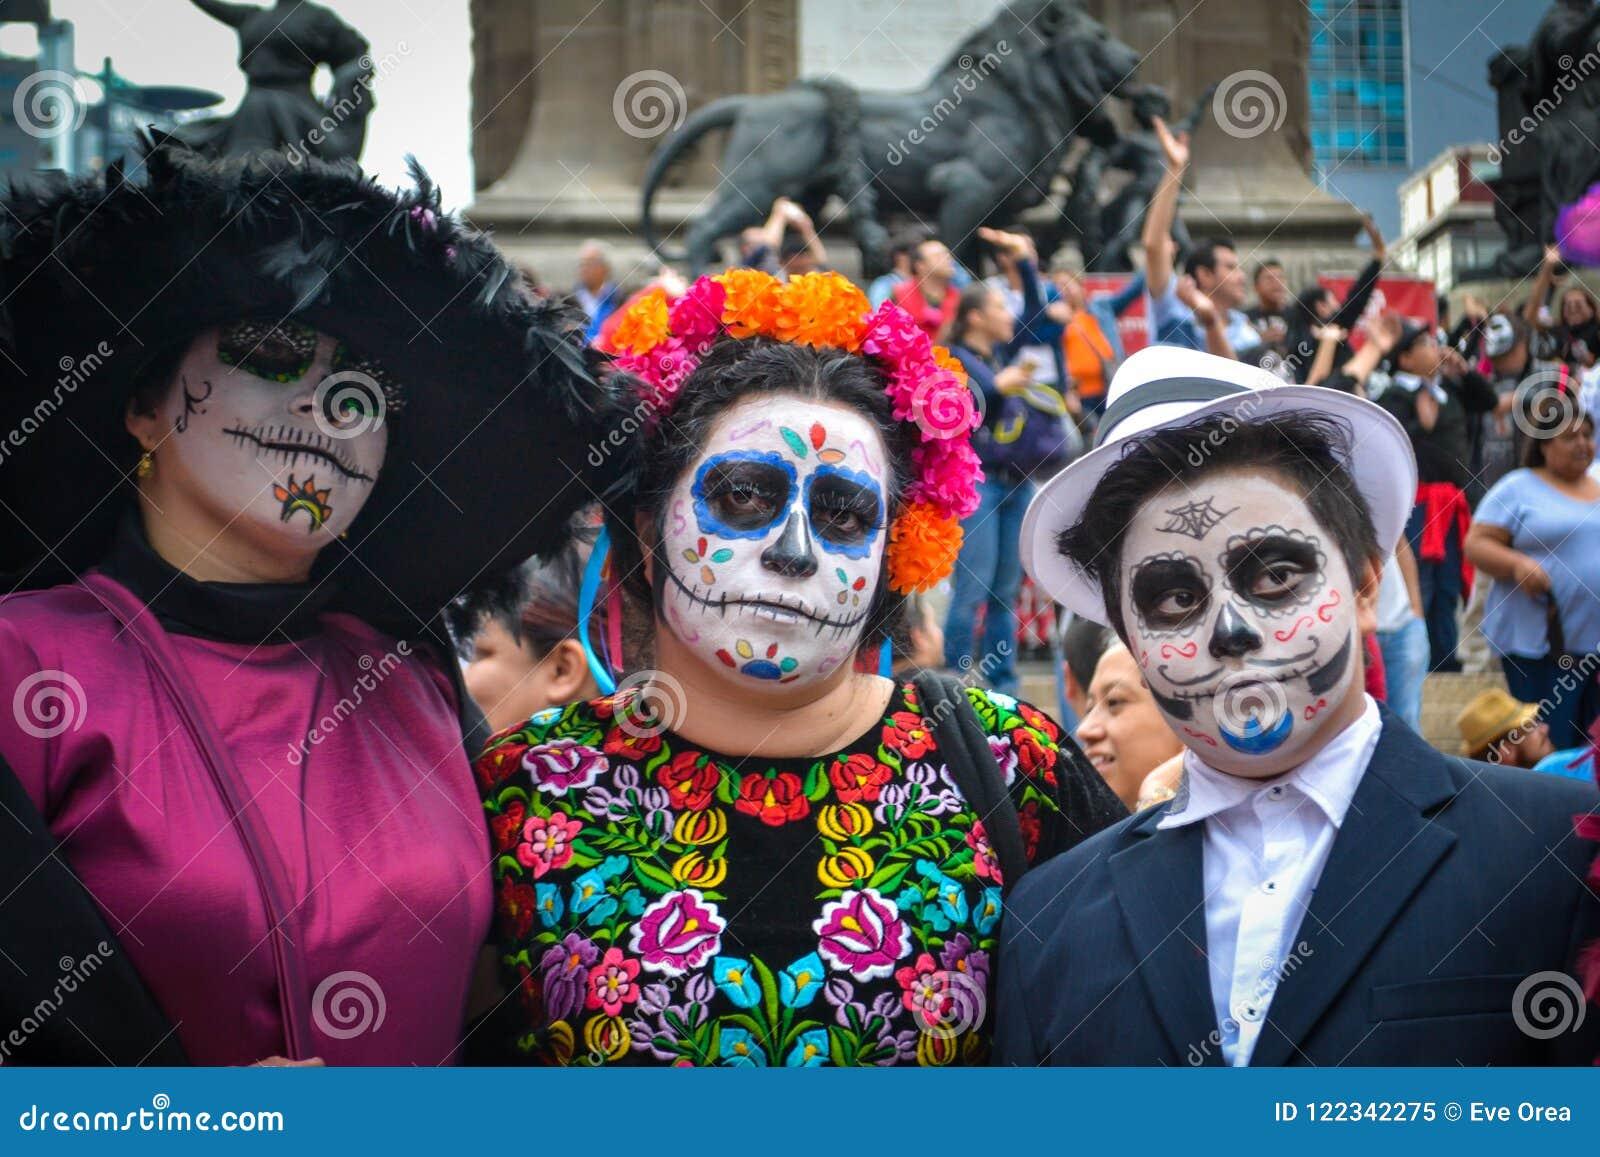 Πόλη του Μεξικού, Μεξικό,  Στις 26 Οκτωβρίου 2016: Πορτρέτο μιας οικογένειας στη μεταμφίεση στην ημέρα της νεκρής παρέλασης στην